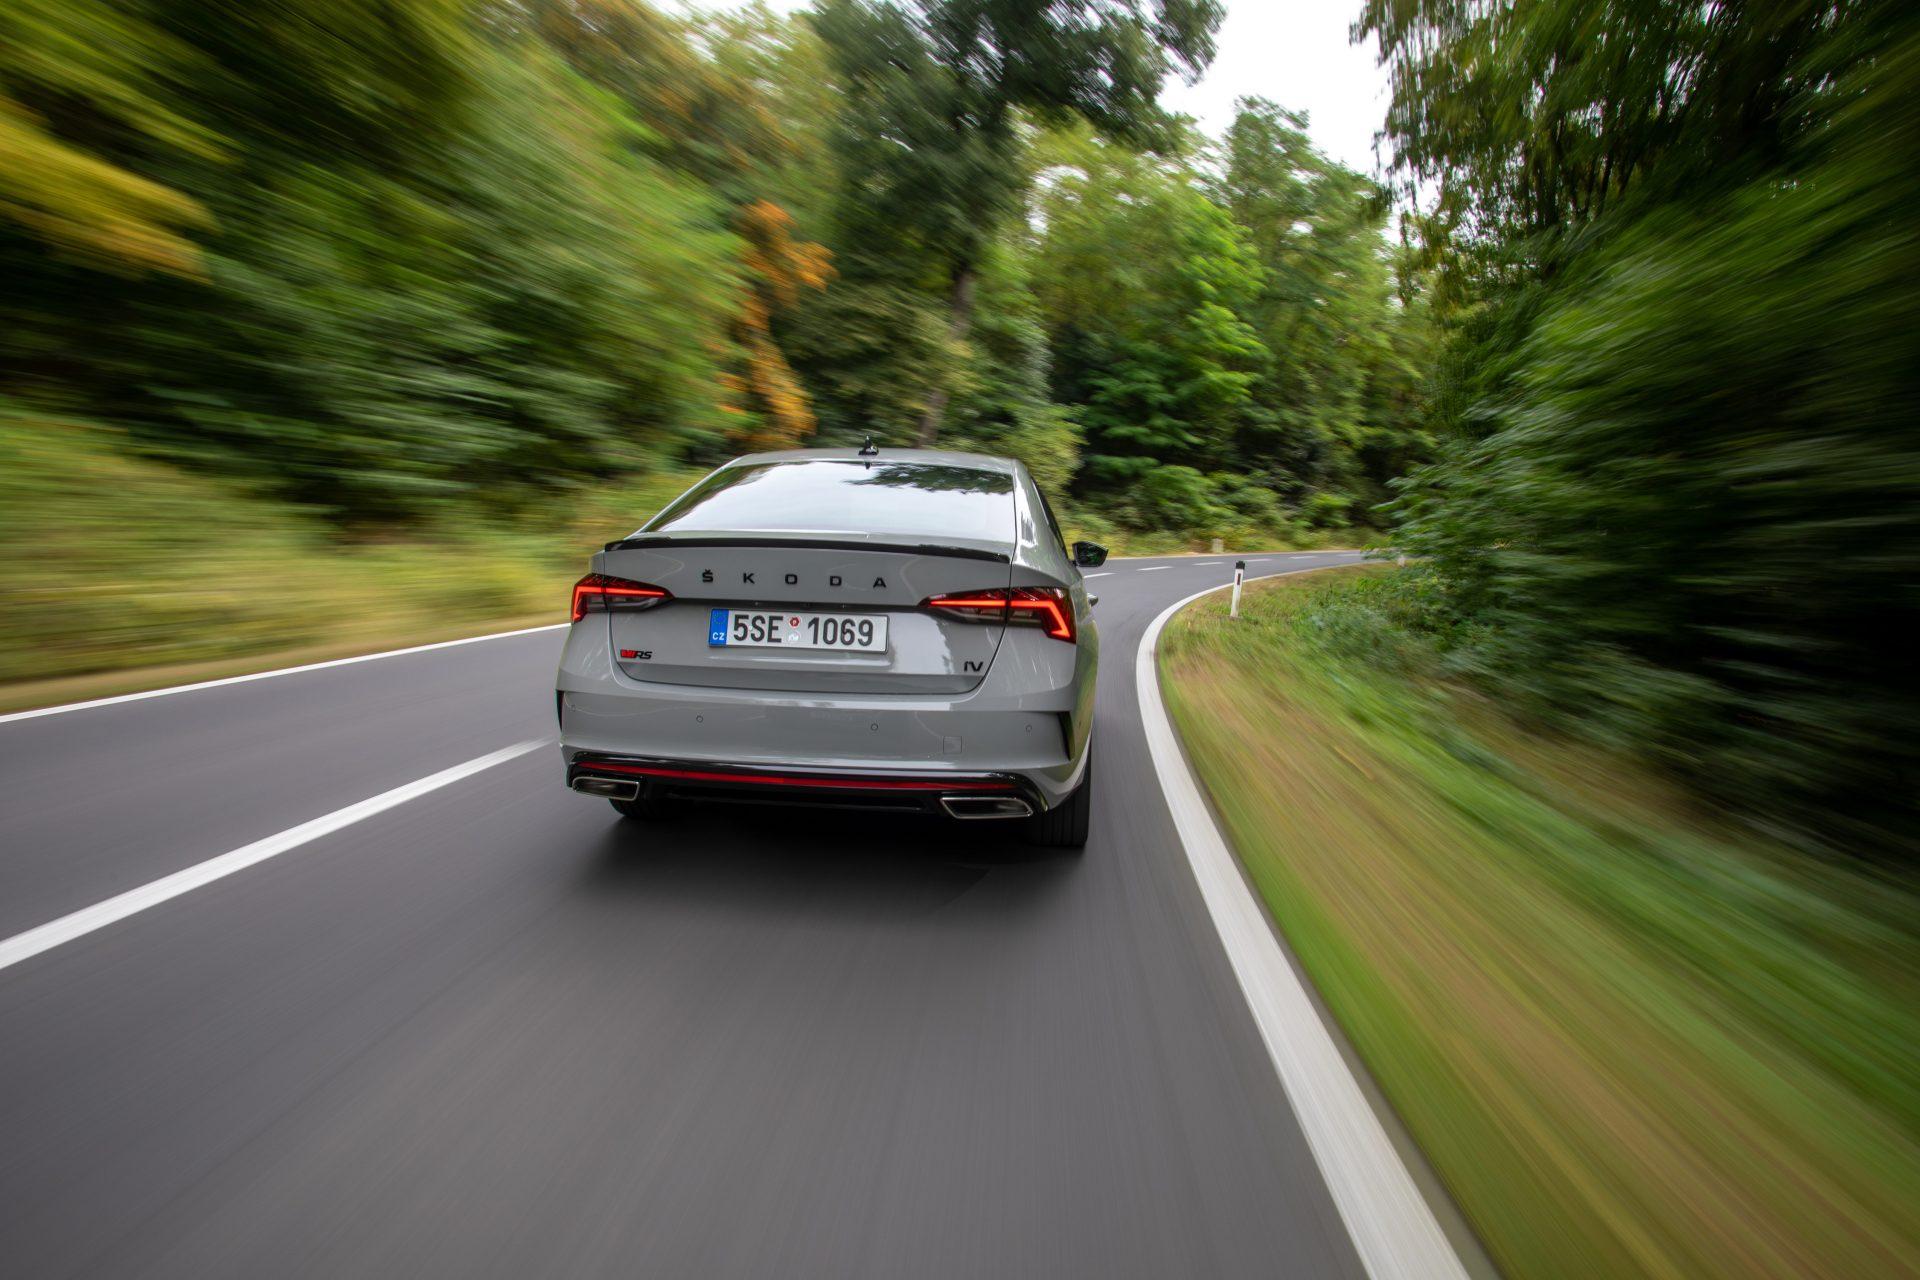 Škoda zverejnila slovenské ceny Octavie e-TEC, iV a RS iV